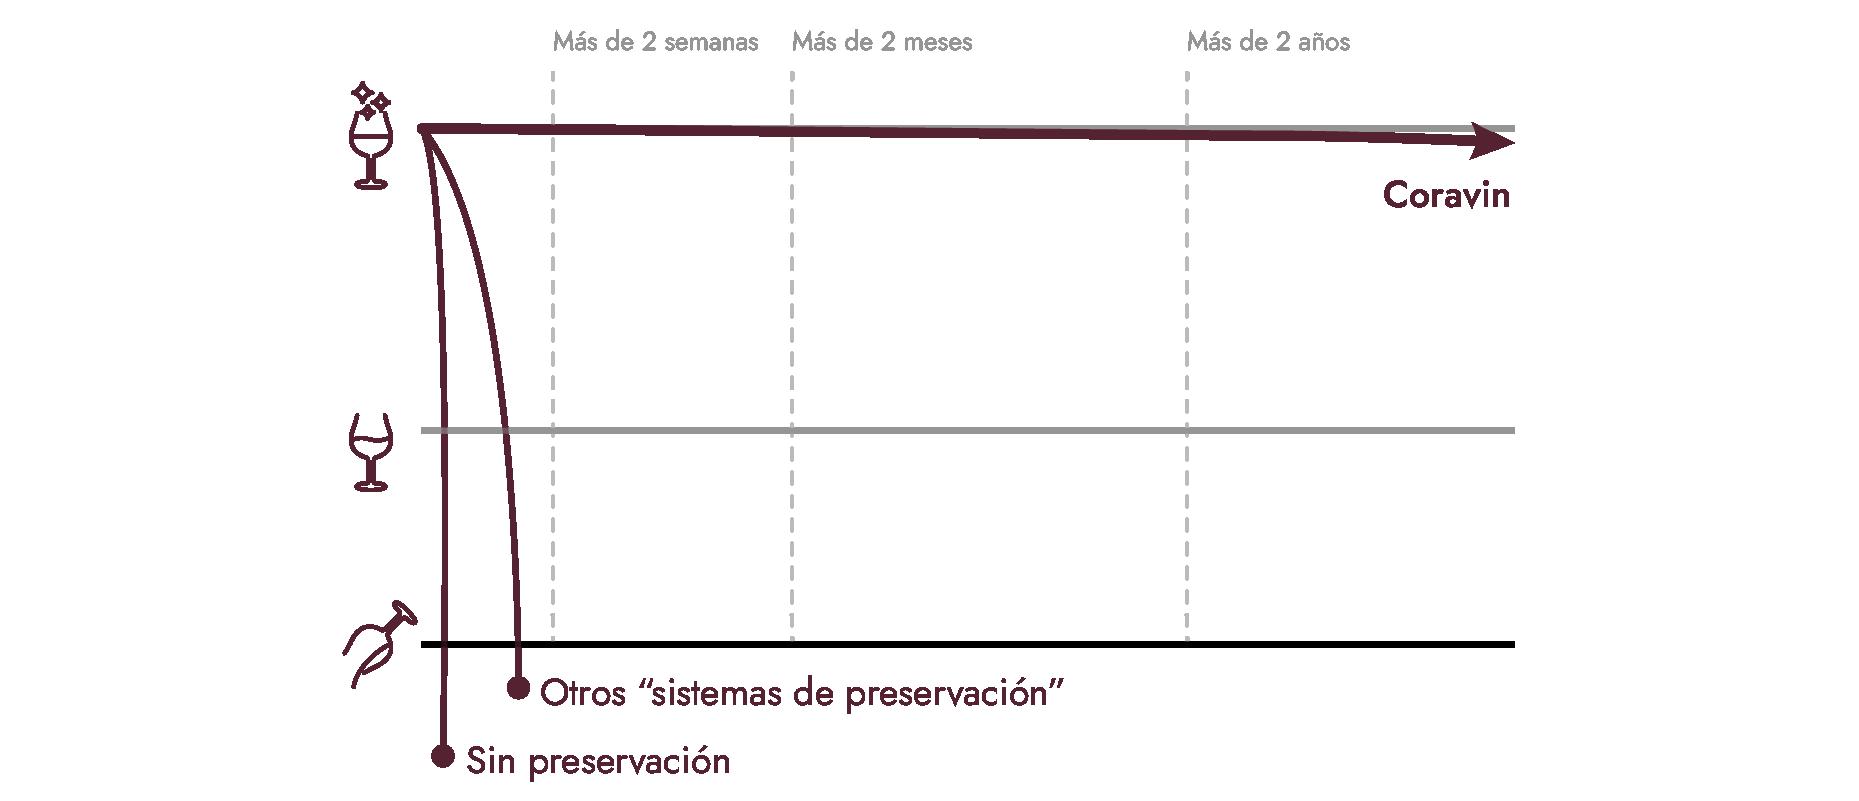 Gráfico que muestra la duración de preservación del vino de Coravin en comparación con otras opciones.